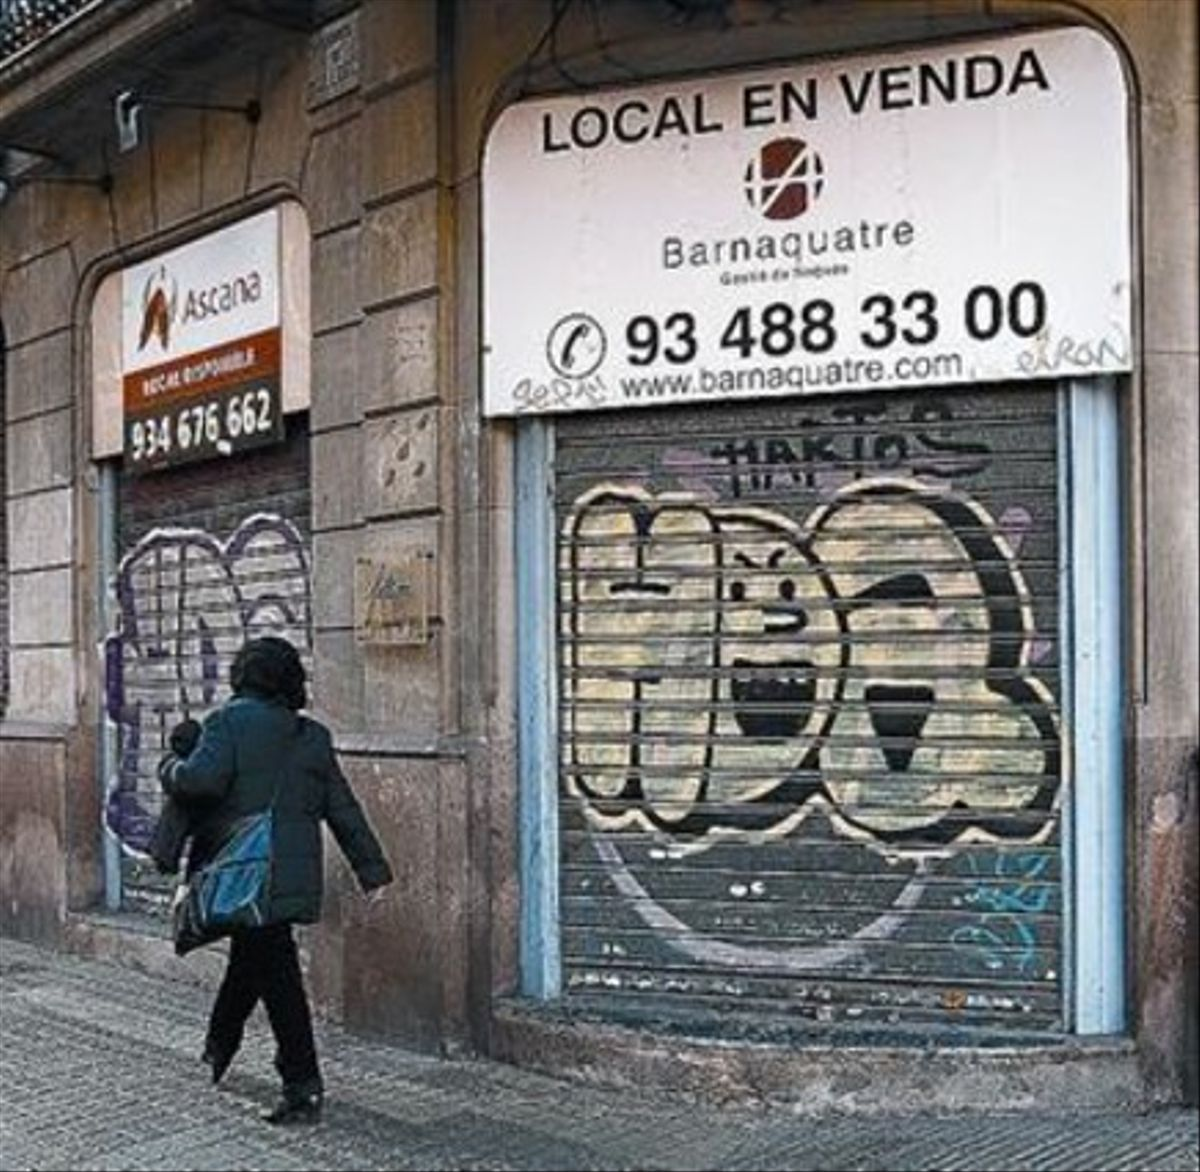 Persianes abaixades d'un comerç a Barcelona.